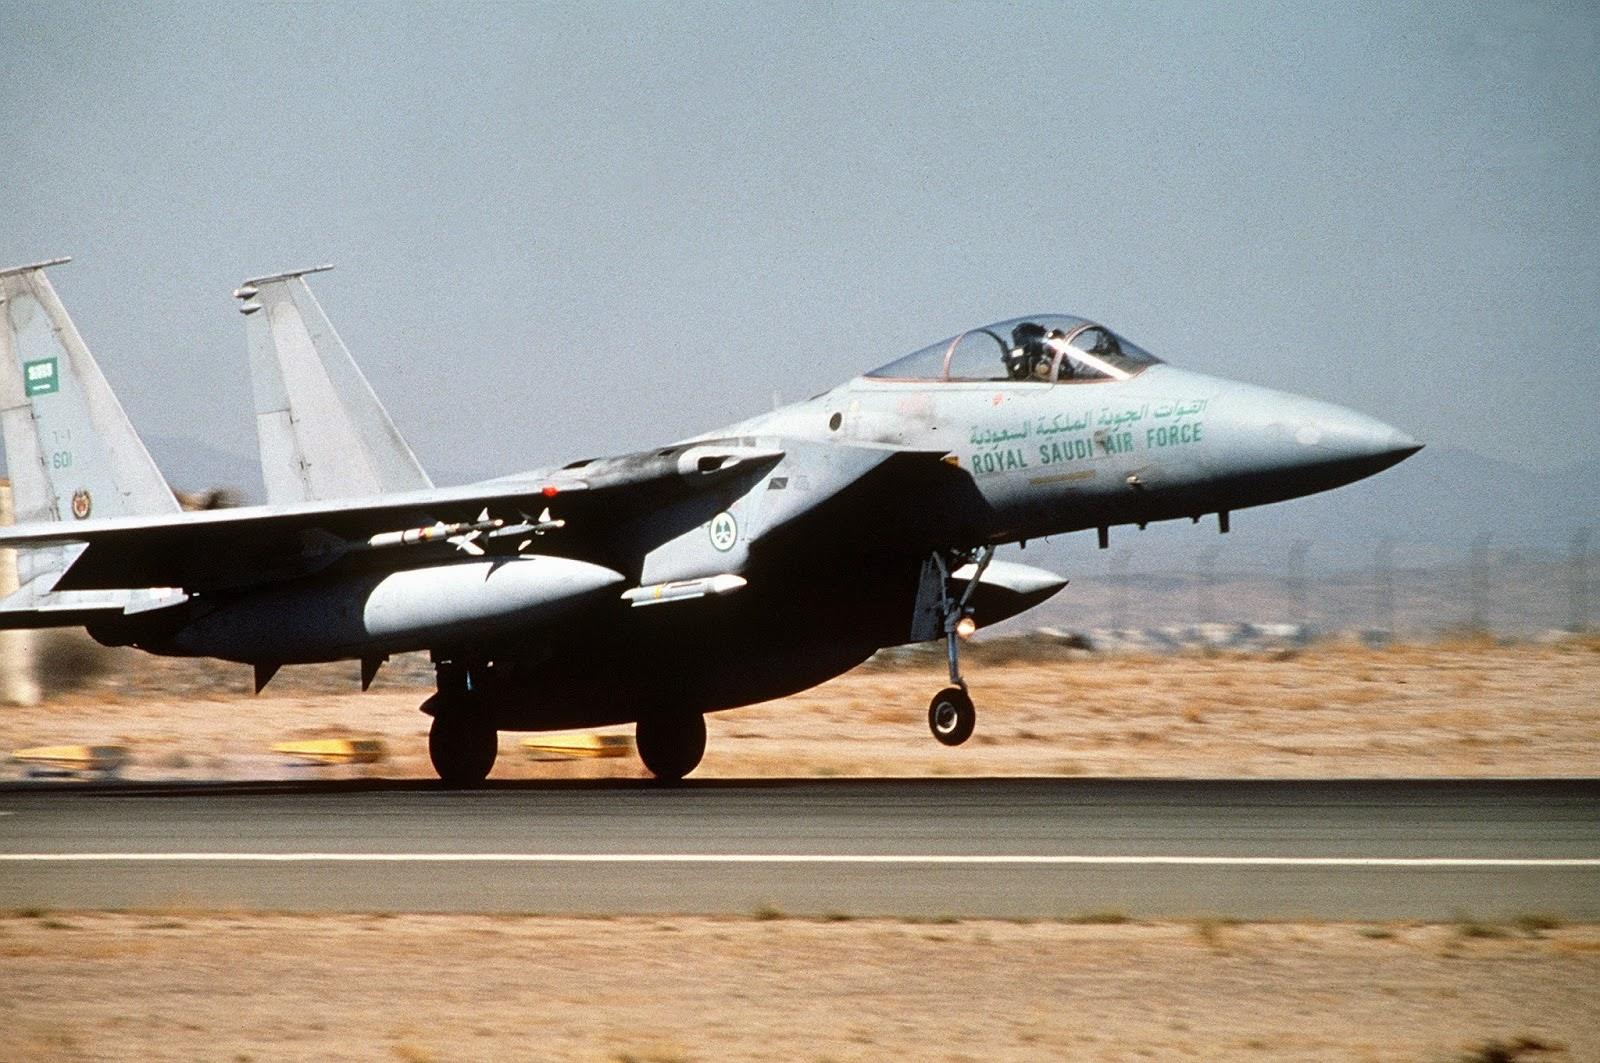 Saudi_F-15-conjugando-adjetivos